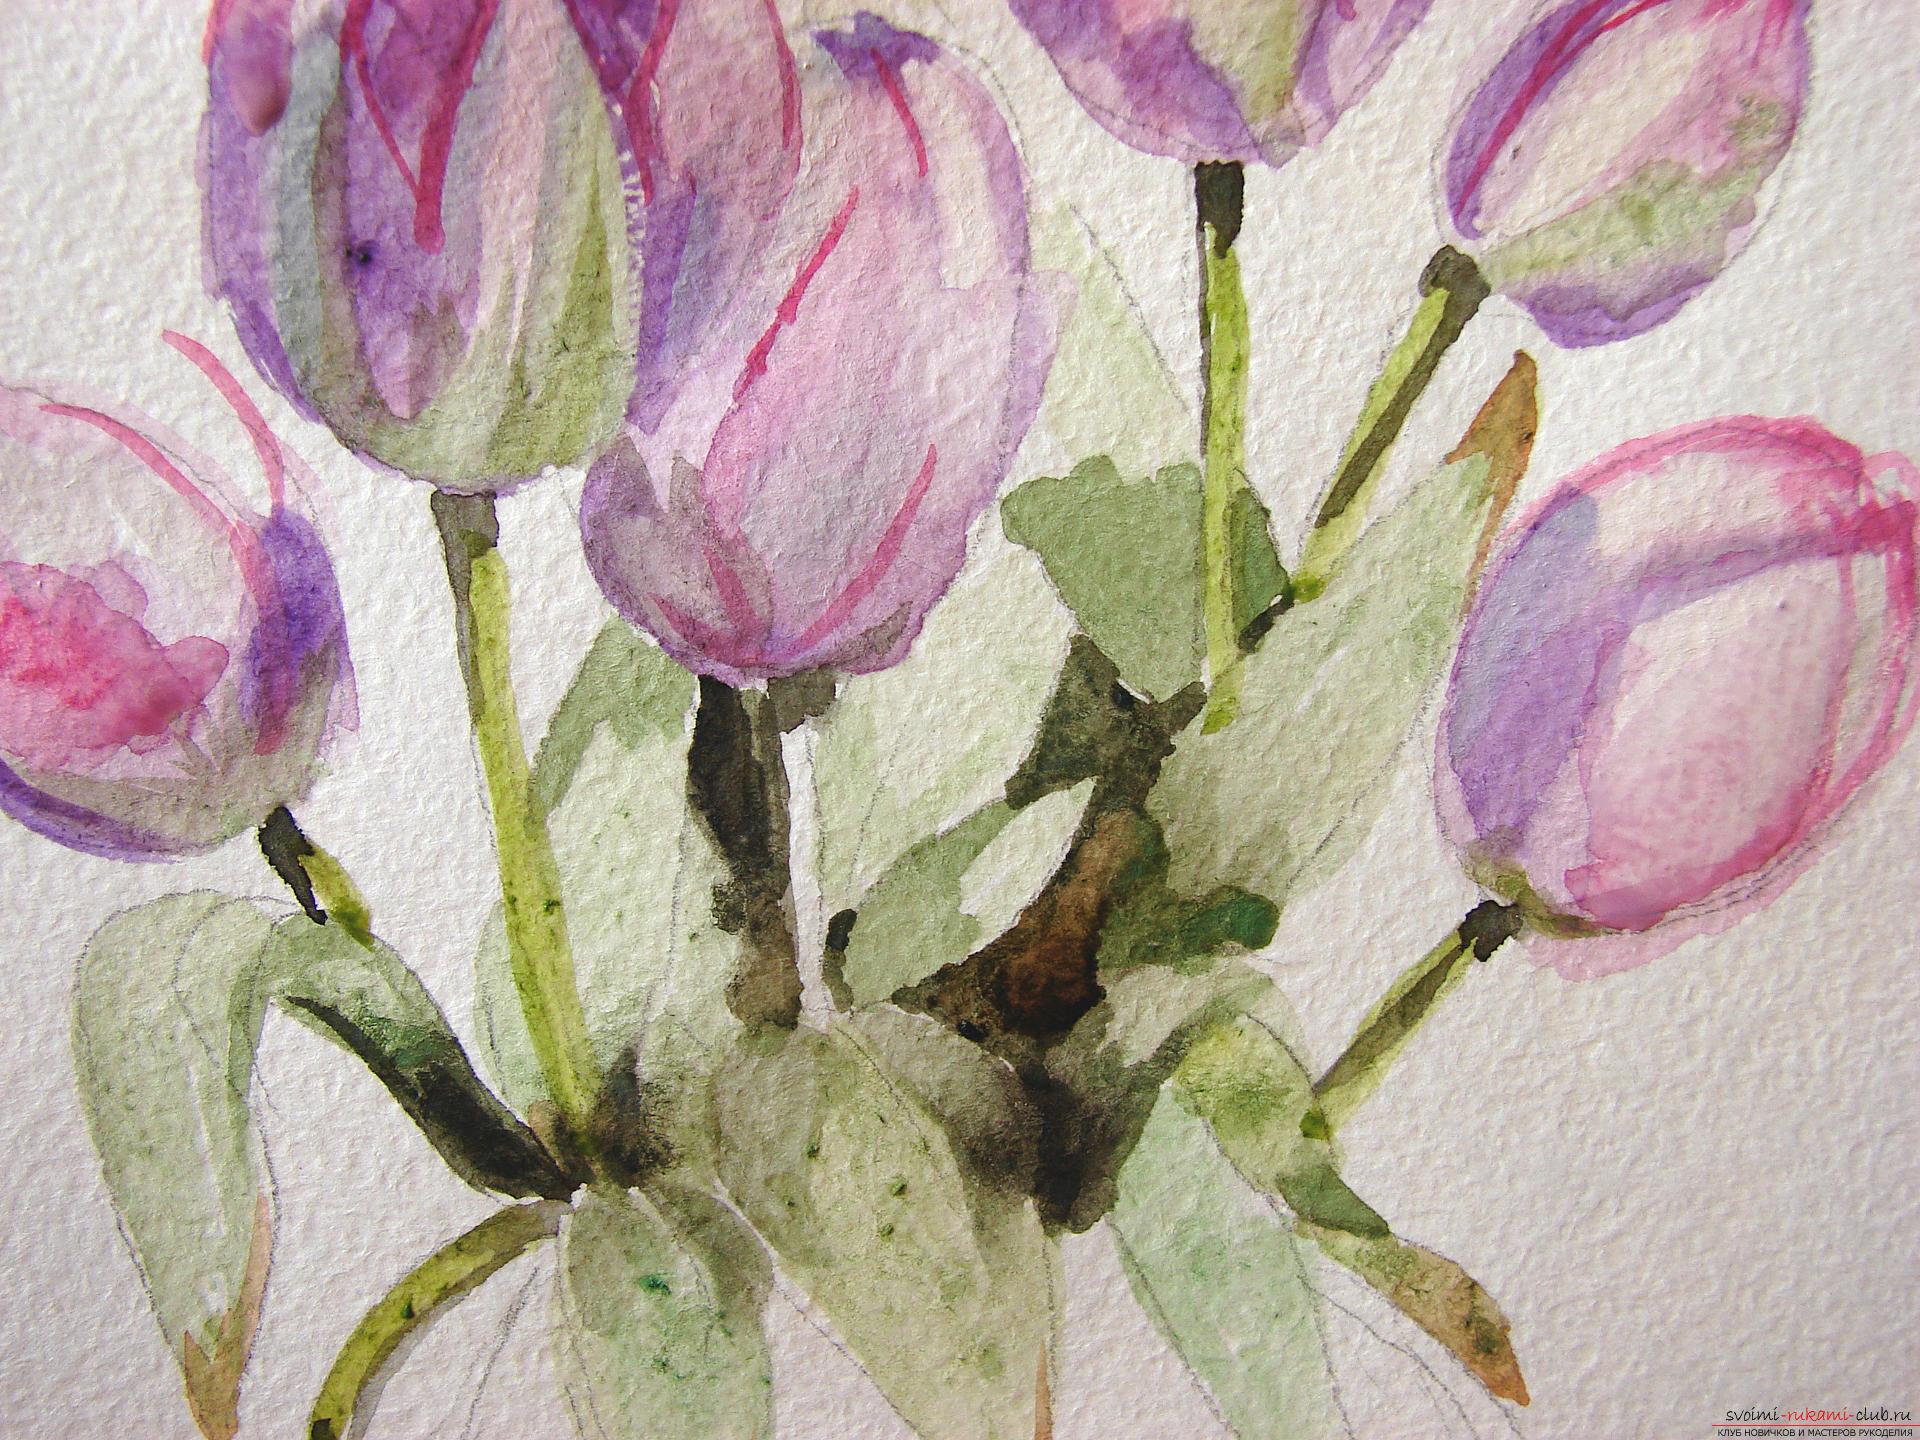 Мастер-класс по рисованию с фото научит как нарисовать цветы, подробно описав как рисуются тюльпаны поэтапно.. Фото №14